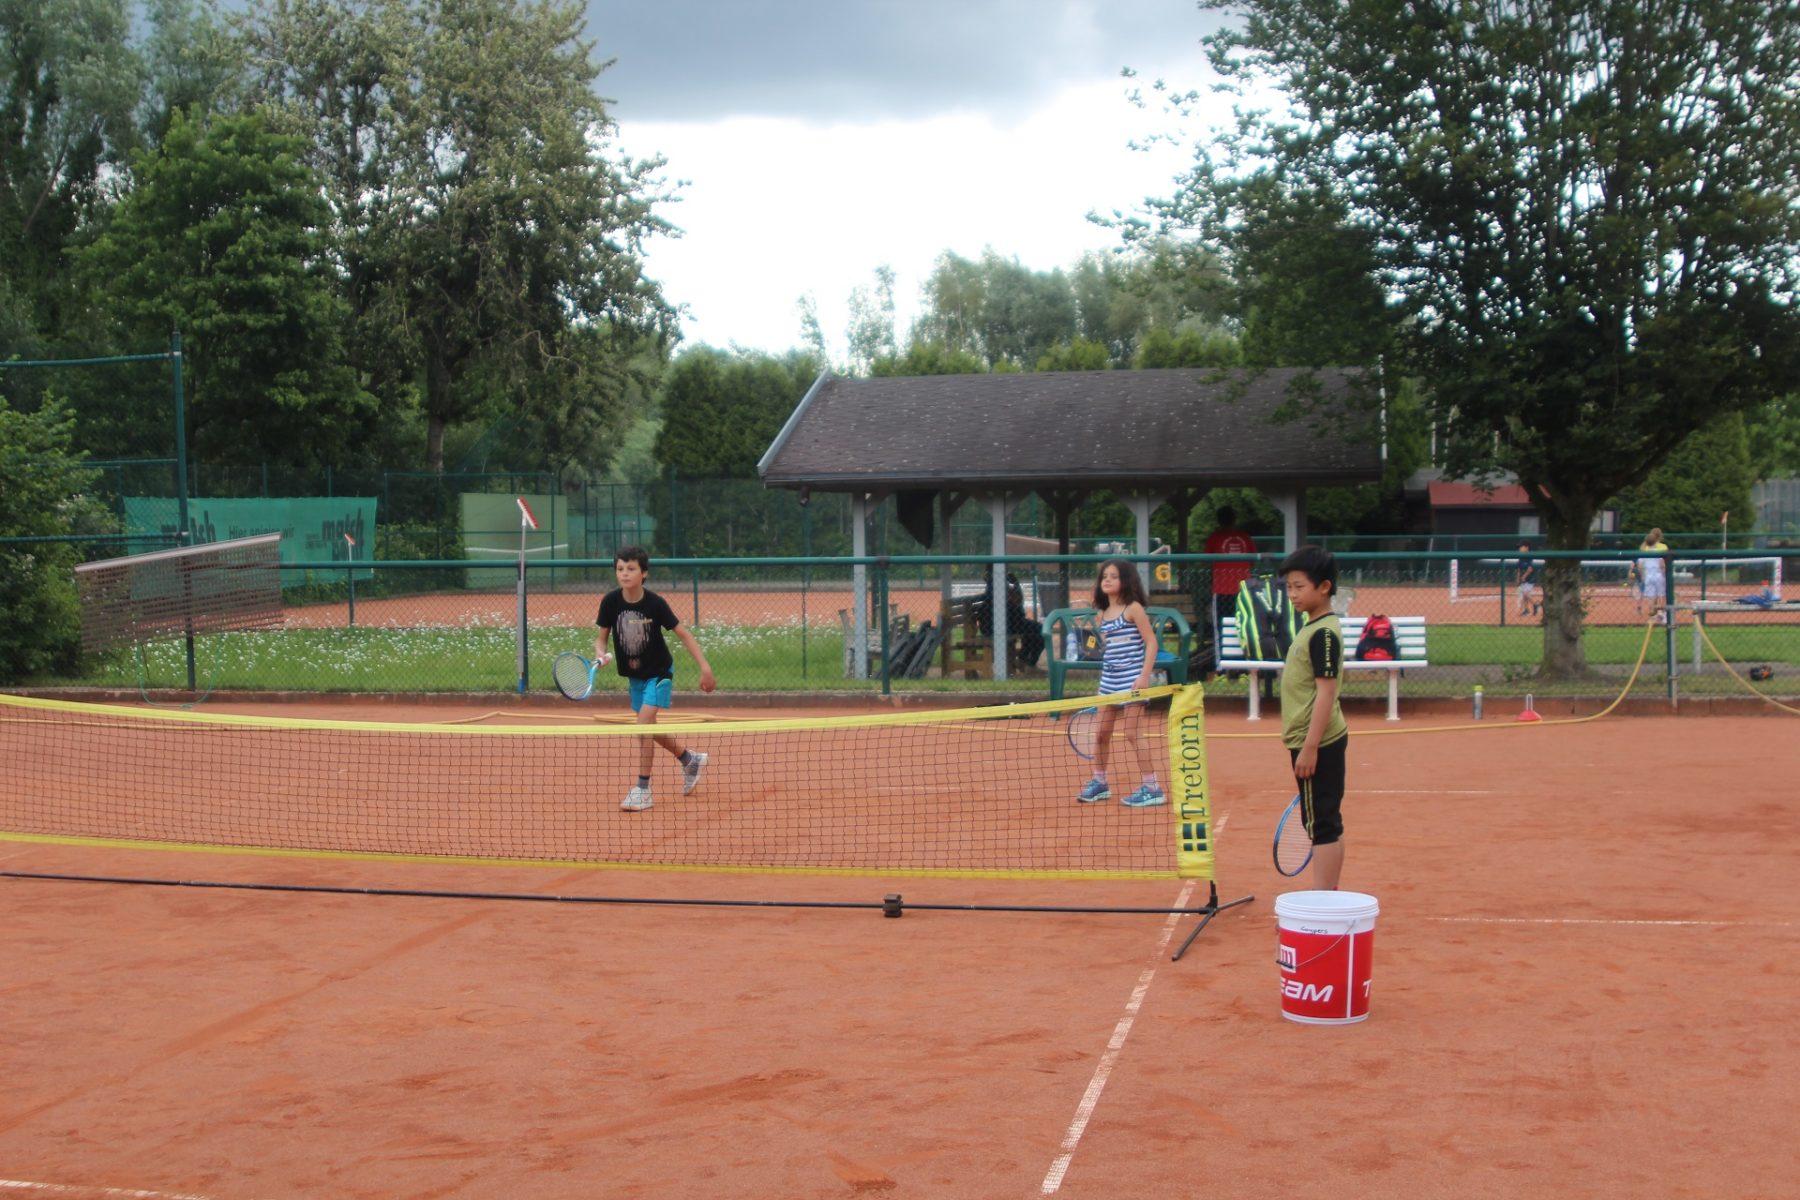 telekom-post-sv-tennisabteilung-feriencamp-2020-bild-1-klein